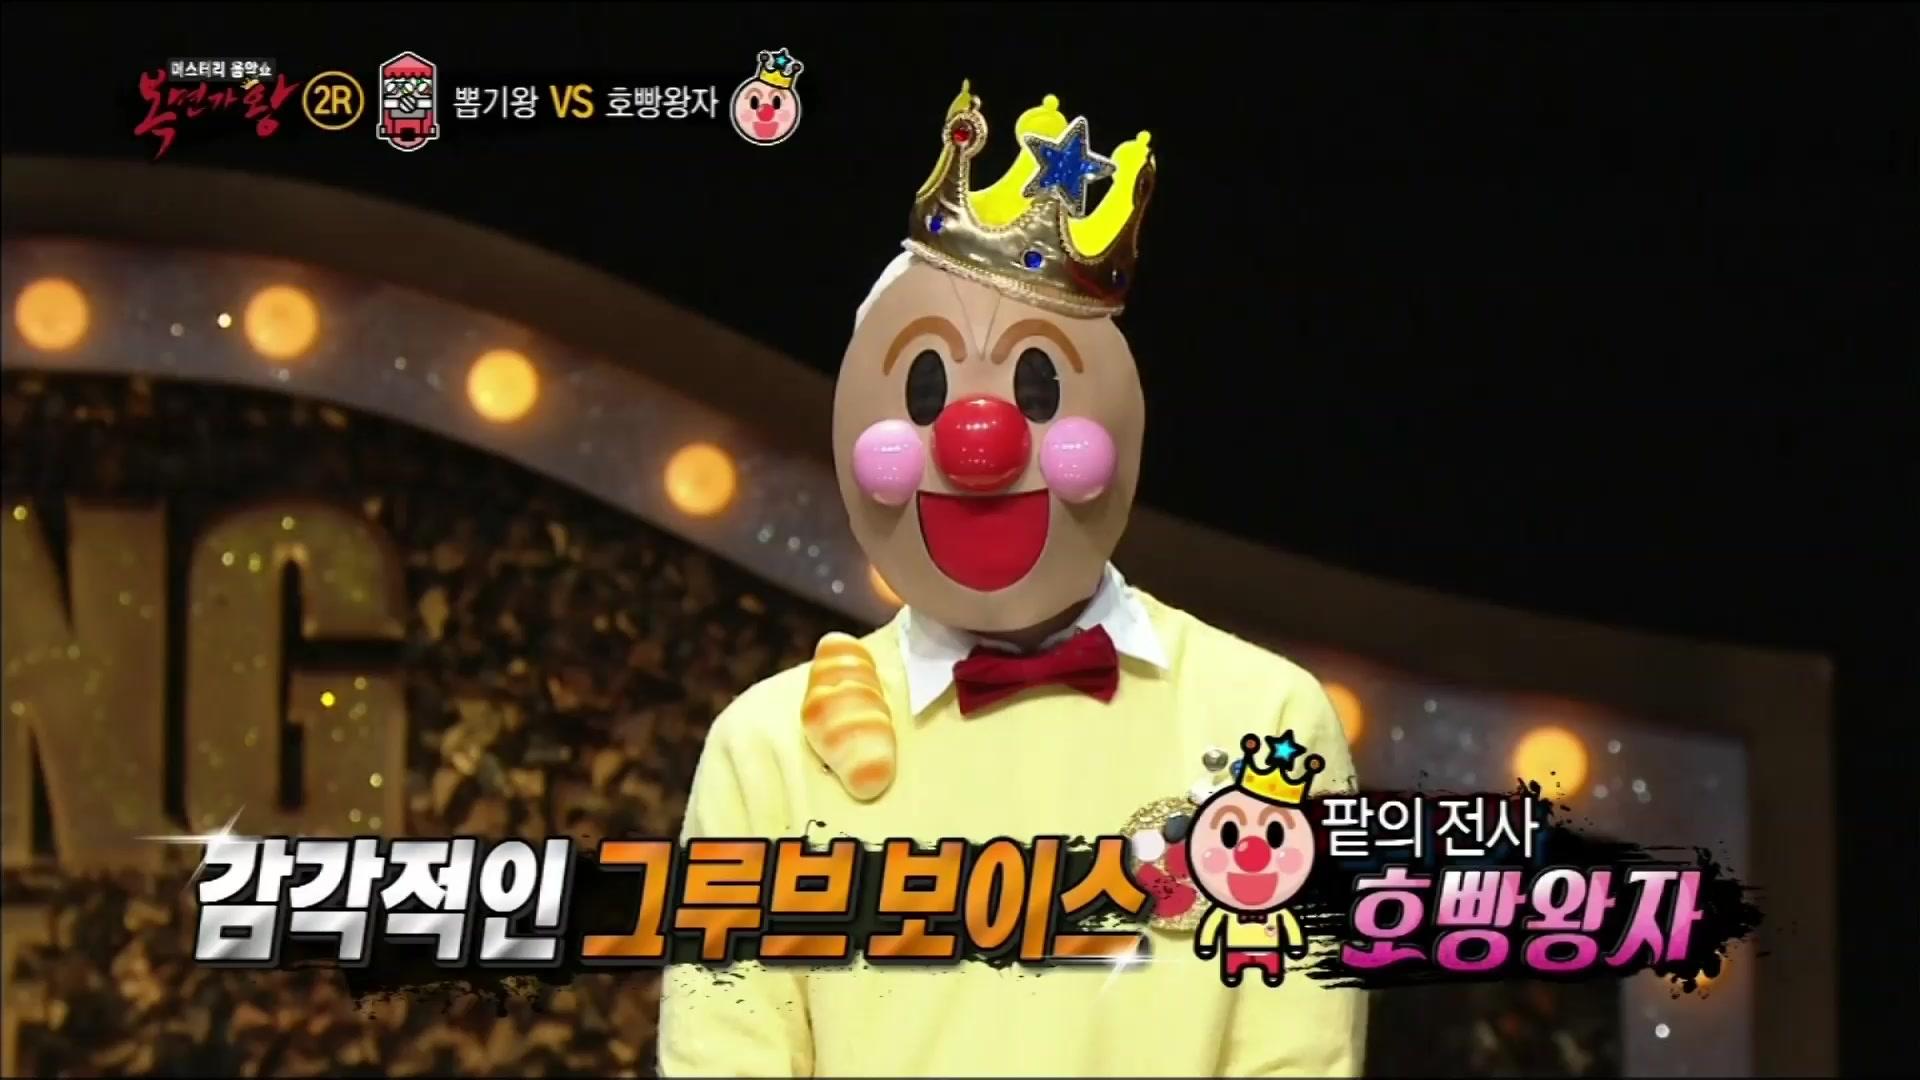 King of Masked Singer Episode 94